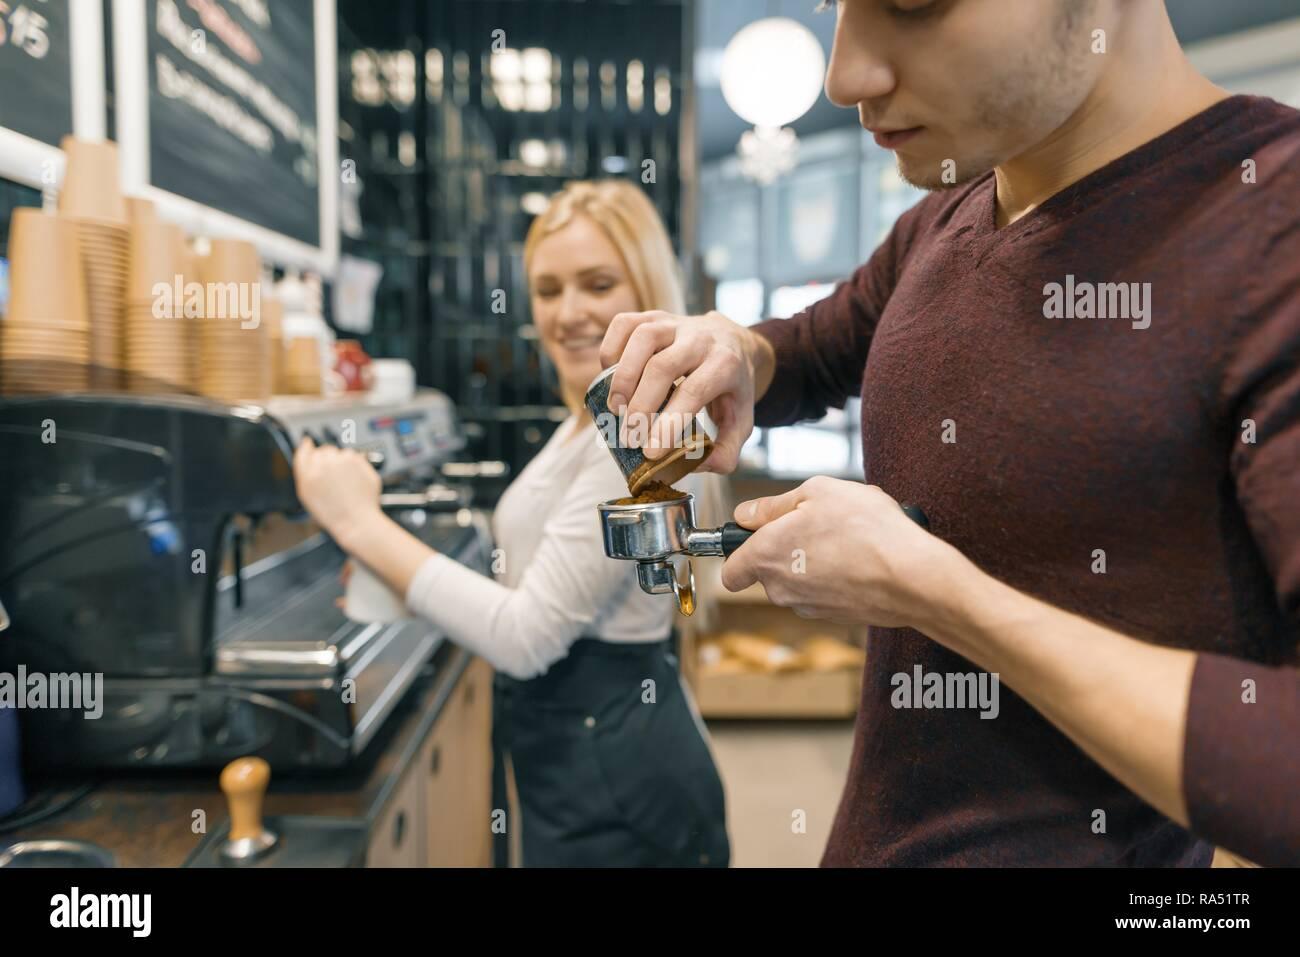 Barista uomo e donna fare il caffè, coppia di giovani che lavorano nella caffetteria. Foto Stock